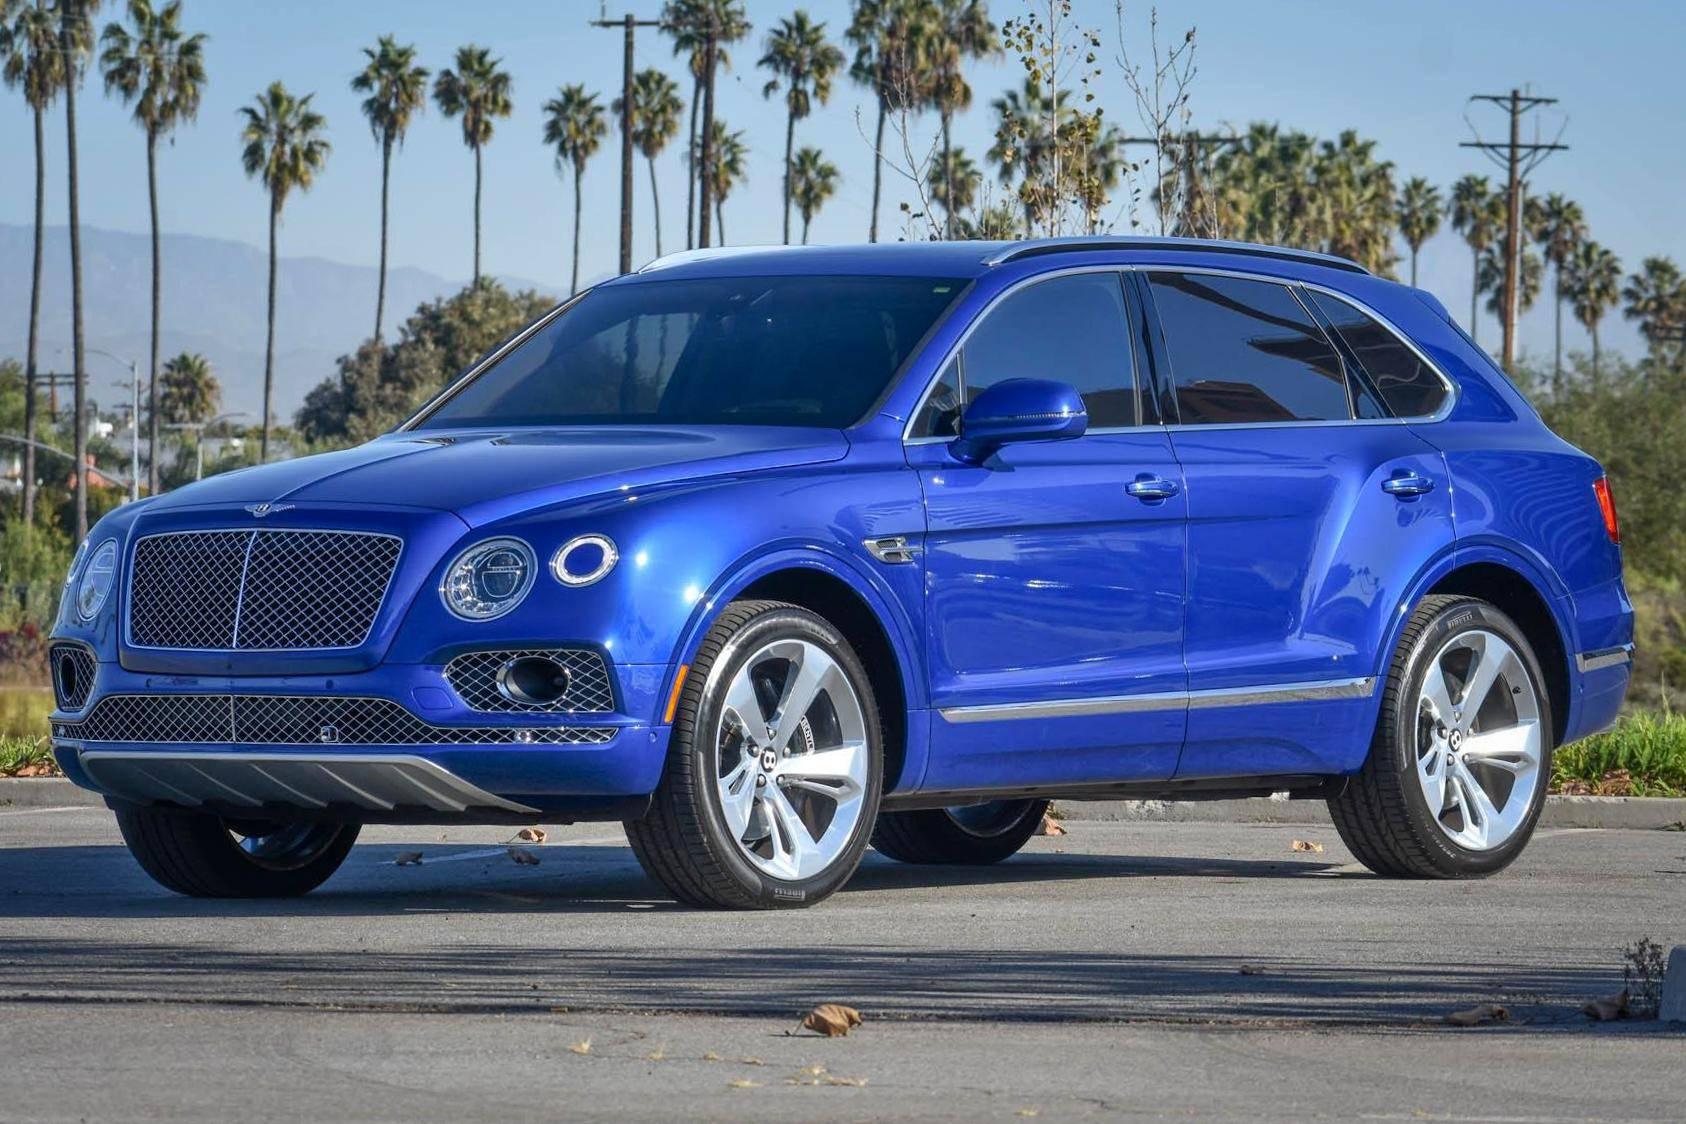 2017 Bentley Bentayga Auction Cars Bids